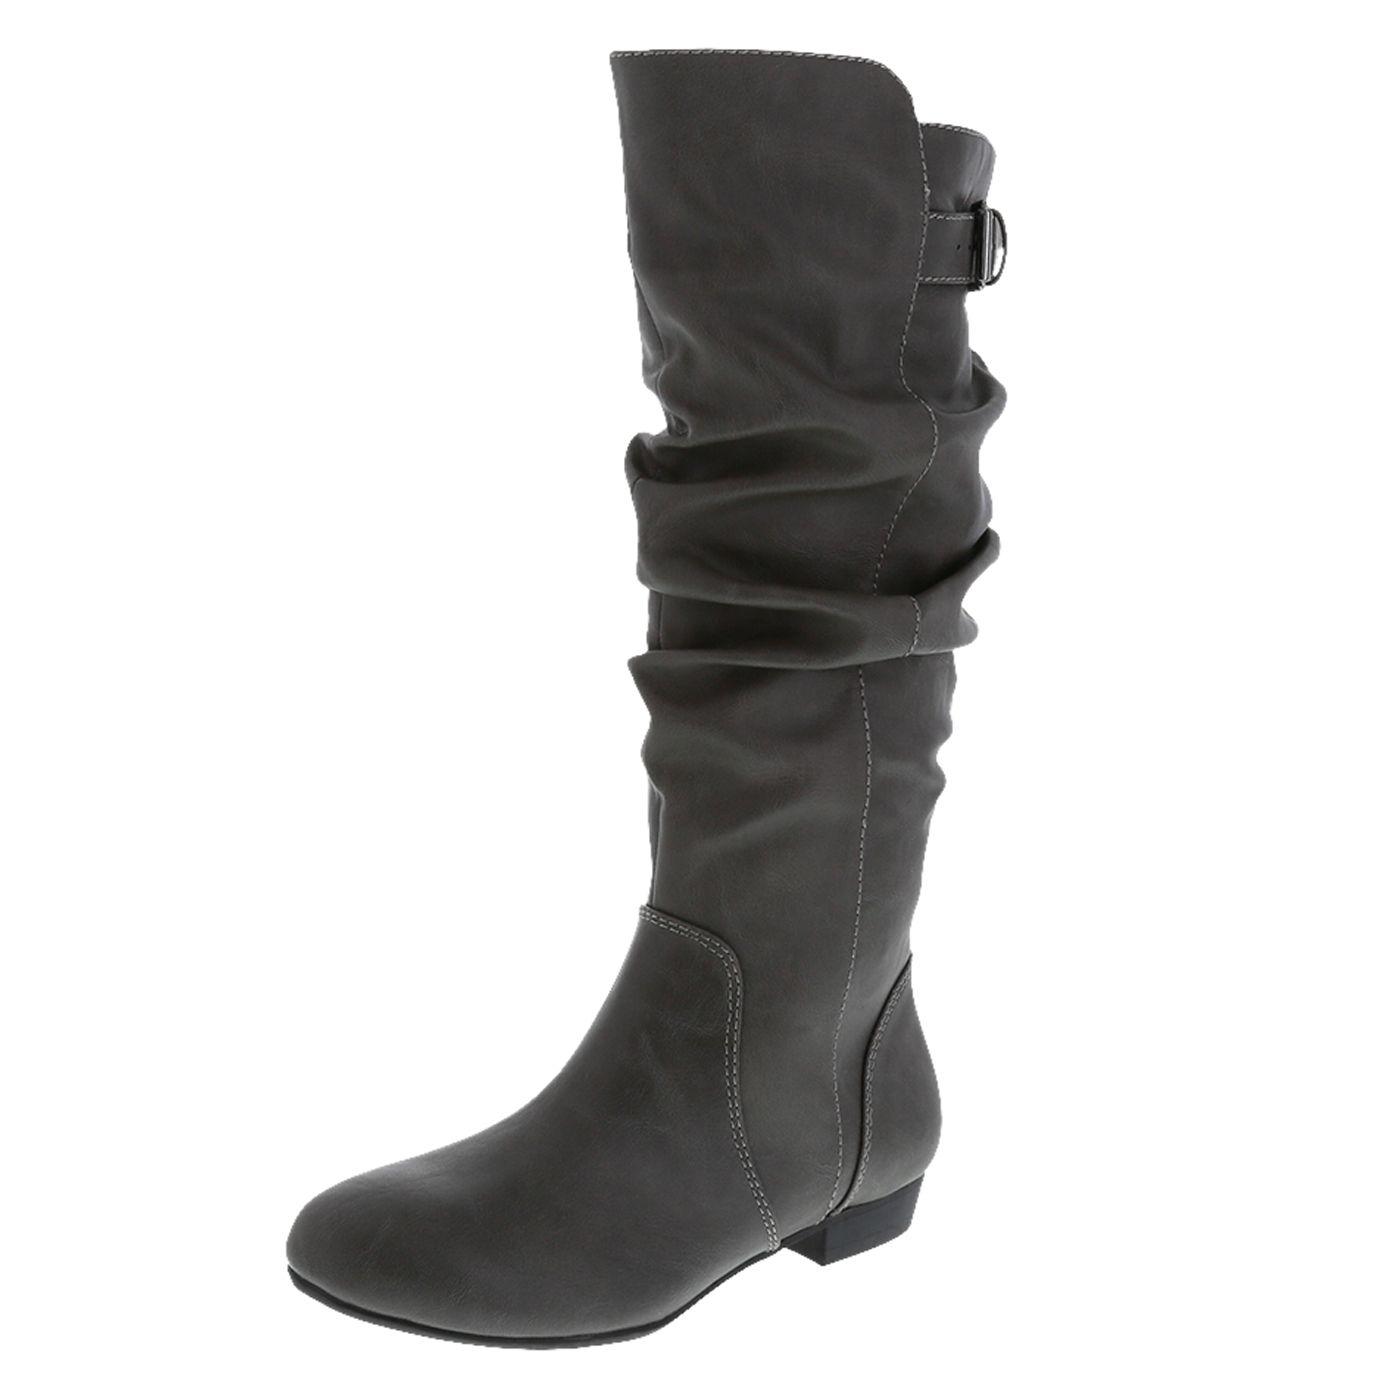 e0151deeb3d Women s Raven Tall BootWomen s Raven Tall Boot